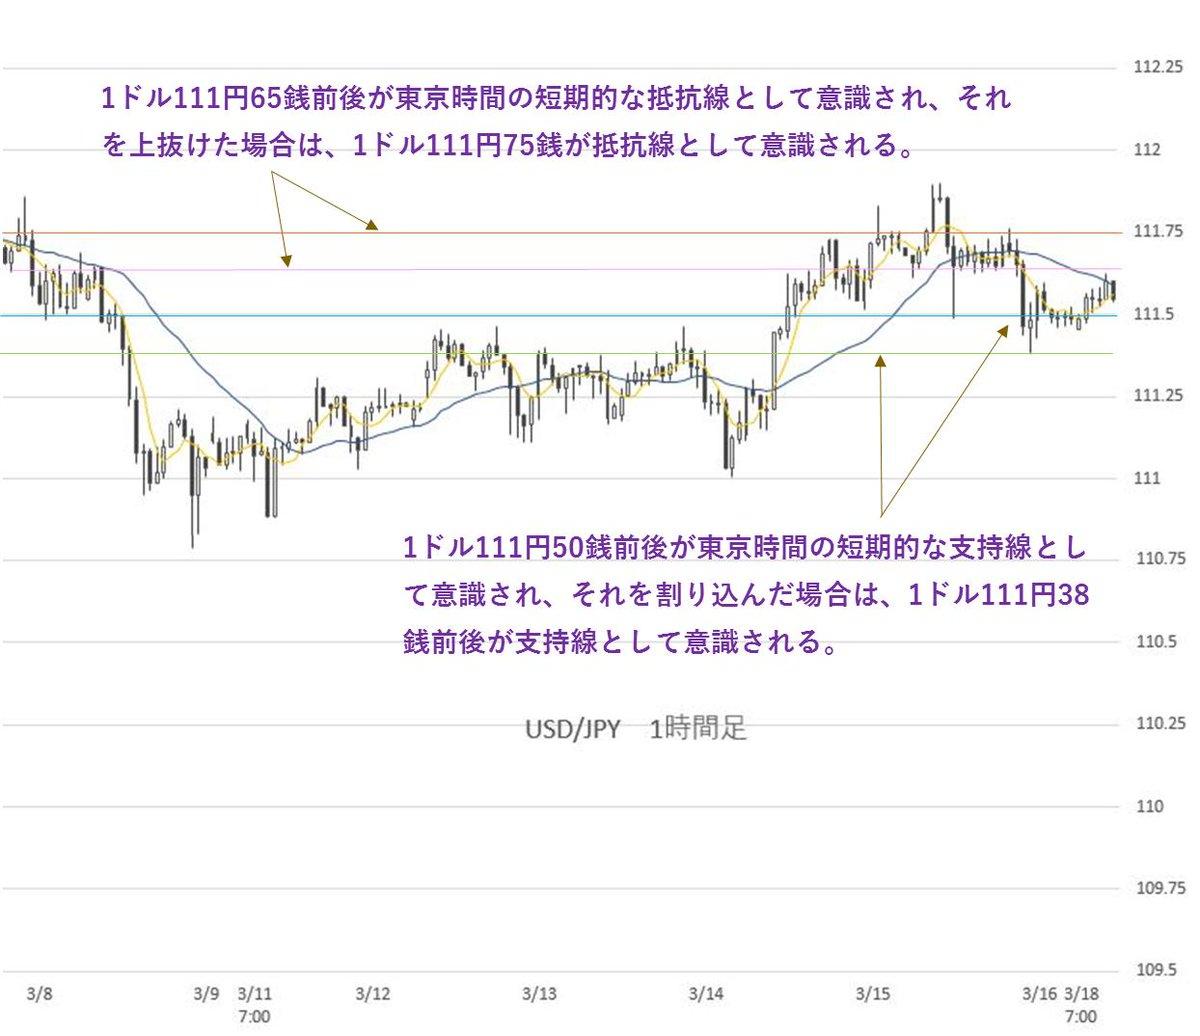 test ツイッターメディア - 【3月18日 本日のFX情報】■日経平均株価は上昇。一方、ドル円は、明日のFOMCとNYカットのオプションにより小動きに本日の東京時間は、日経平均株価が先週末の米株高を受けて上昇。高水準で推移している。一方…#FX #FX予想 #FX相場 #FX為替続きはこちらから!↓↓↓https://t.co/YqvnvRIwiW https://t.co/Ibm0hrPA8Z